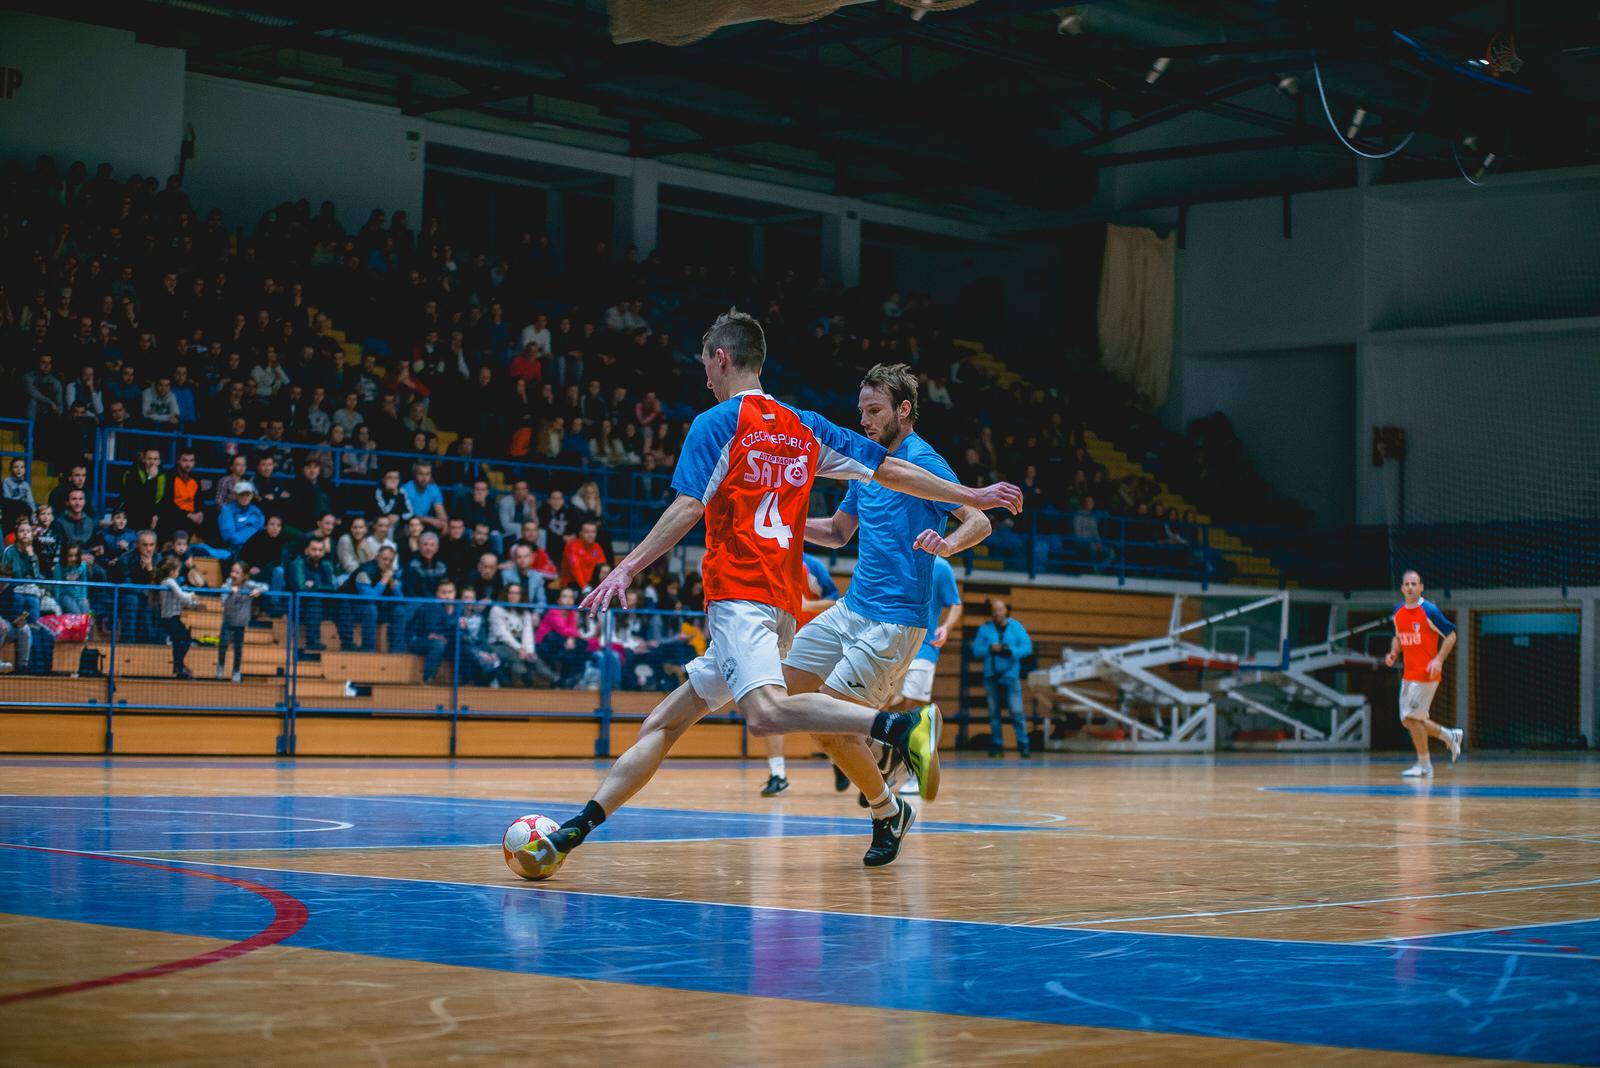 likaclub_gospić_zimski-malonogometni-turnir-2018-19-67